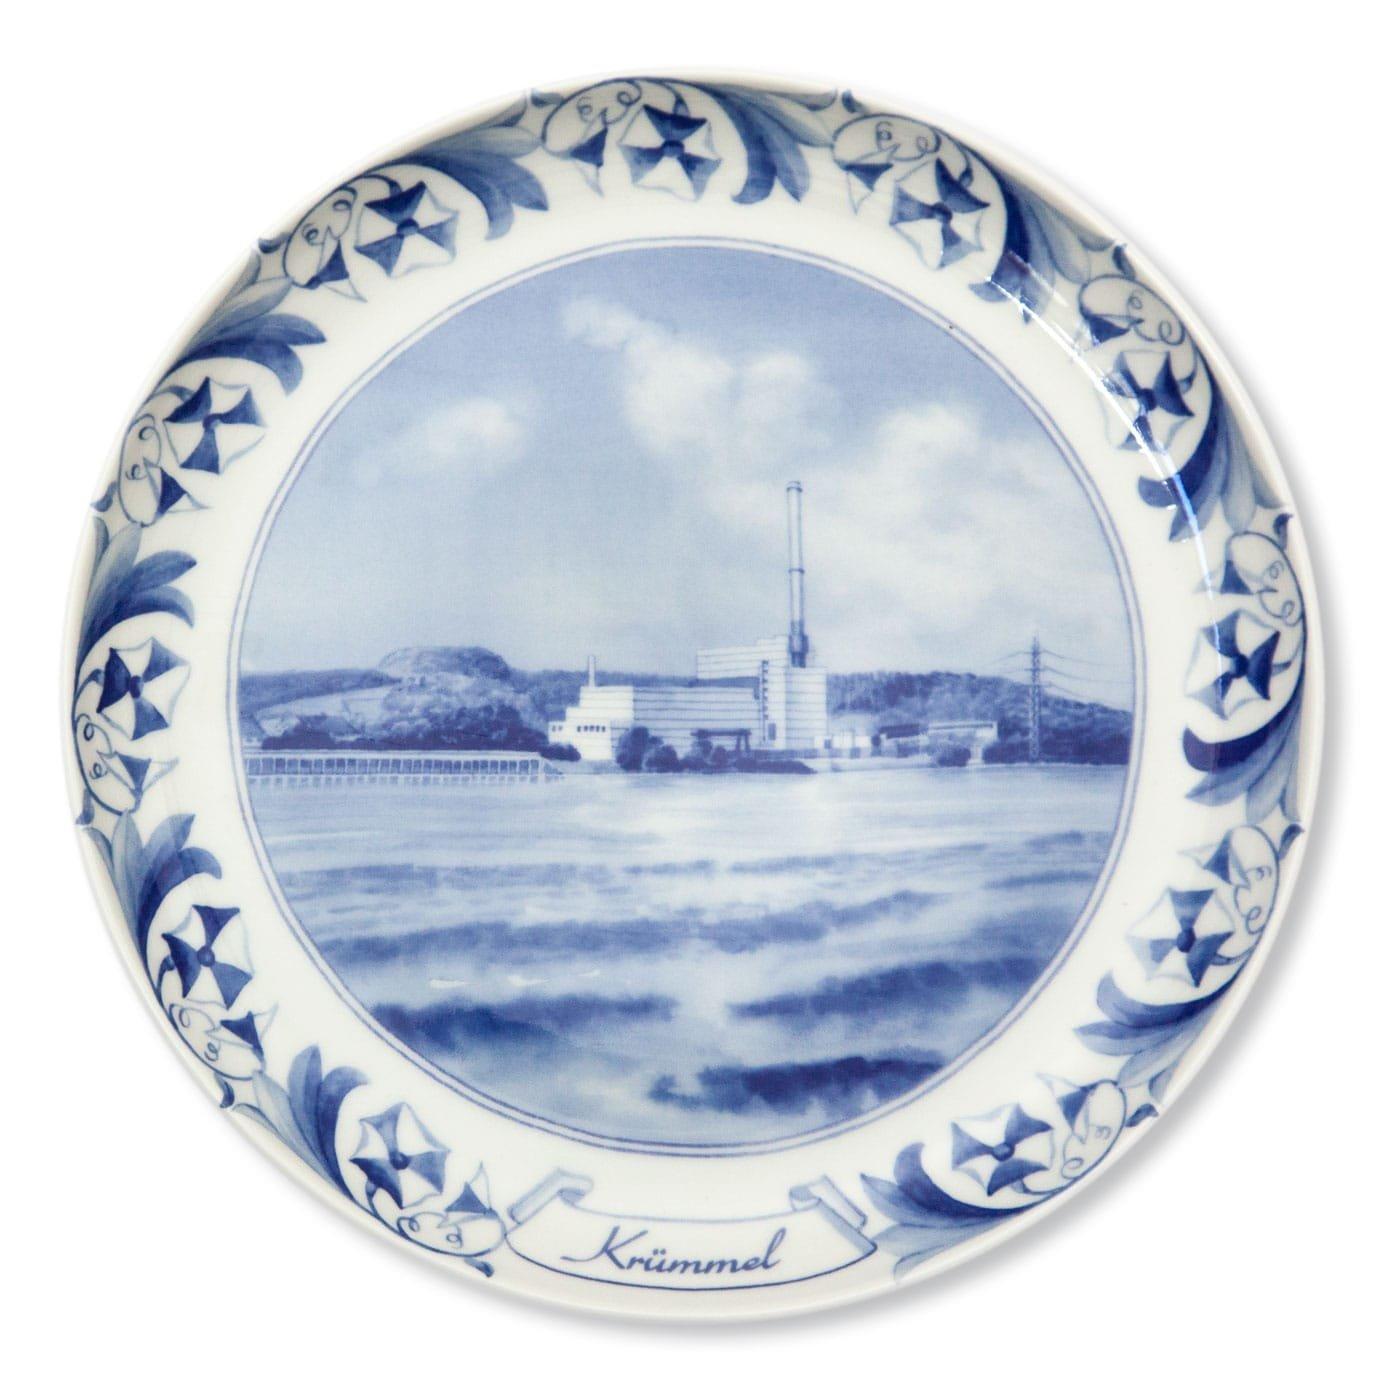 porcelain-nuclear-reactors-plates-krummel